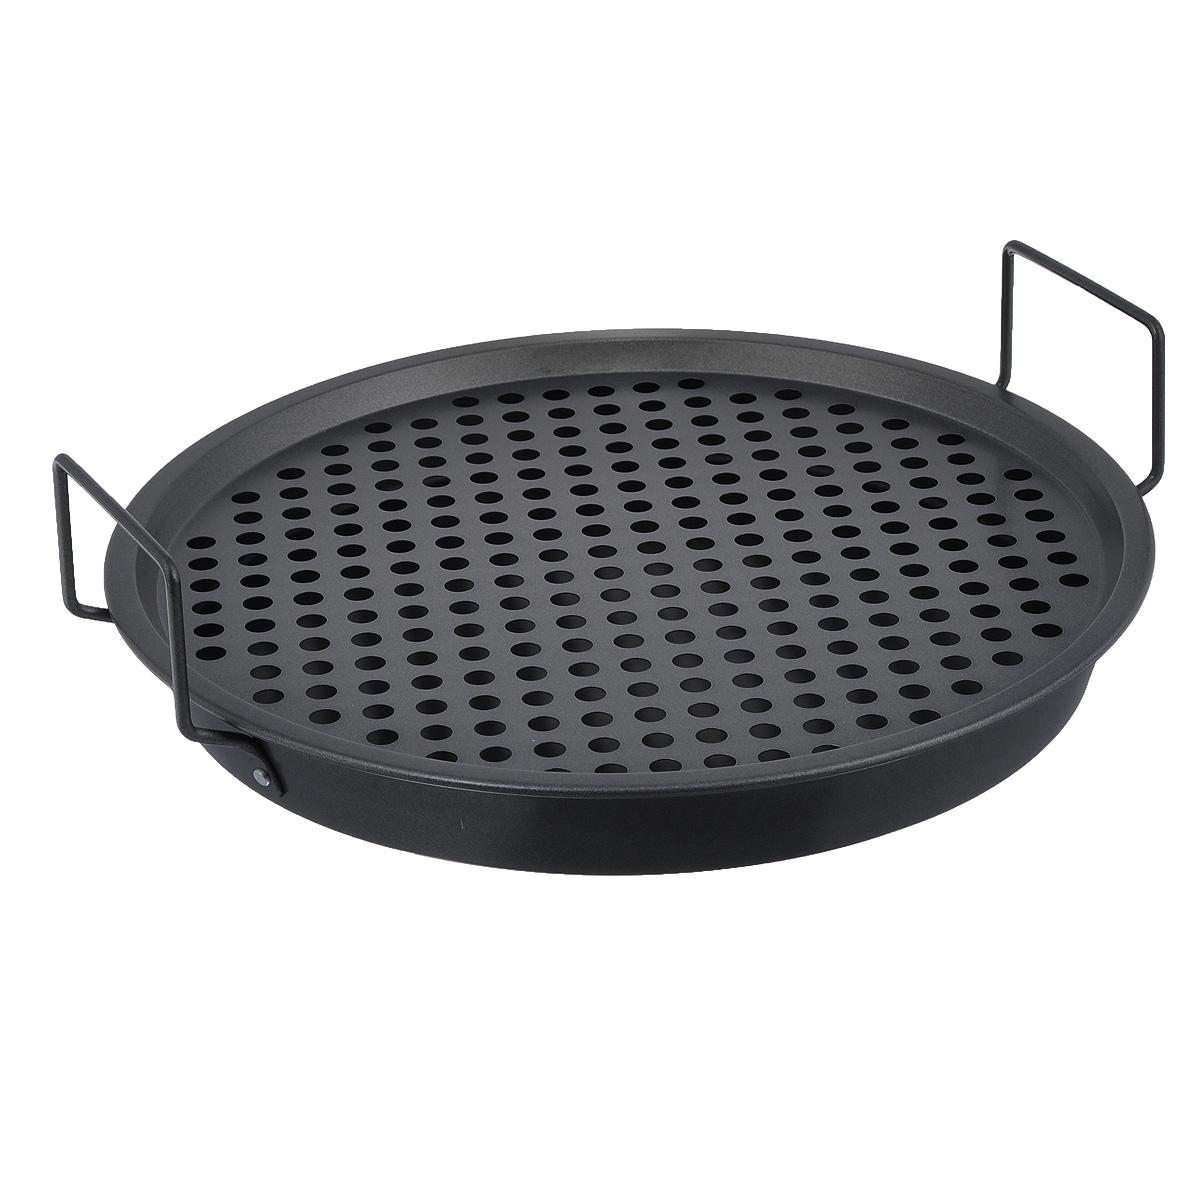 Набор сковородок Sagaform для пиццы , 2 шт5016006Набор Sagaform состоит из двух сковородок, изготовленных из высококачественного металла. Изделия предназначены для приготовления пиццы и барбекю. Одна из сковородок оснащена двумя ручками и высокими бортиками. Дно второй сковородки имеет круглые отверстия и низкие бортики. Изделия можно использовать как вместе, так и по отдельности. Sagaform - это множество ярких инновационных товаров для любителей и профессионалов кулинарного дела. Продукция этой марки хорошо смотрится как на кухне, так и на пикниках, праздниках на открытом воздухе. Лучшие скандинавские дизайнеры создают функциональные продукты для приготовления блюд и сервировки стола. Нельзя мыть в посудомоечной машине. Диаметры сковородок (по верхнему краю): 32 см, 33 см. Высота стенок сковородок: 4 см, 1 см. Диаметры дна сковородок: 29 см, 30 см. Толщина стенок сковородок: 1 мм.